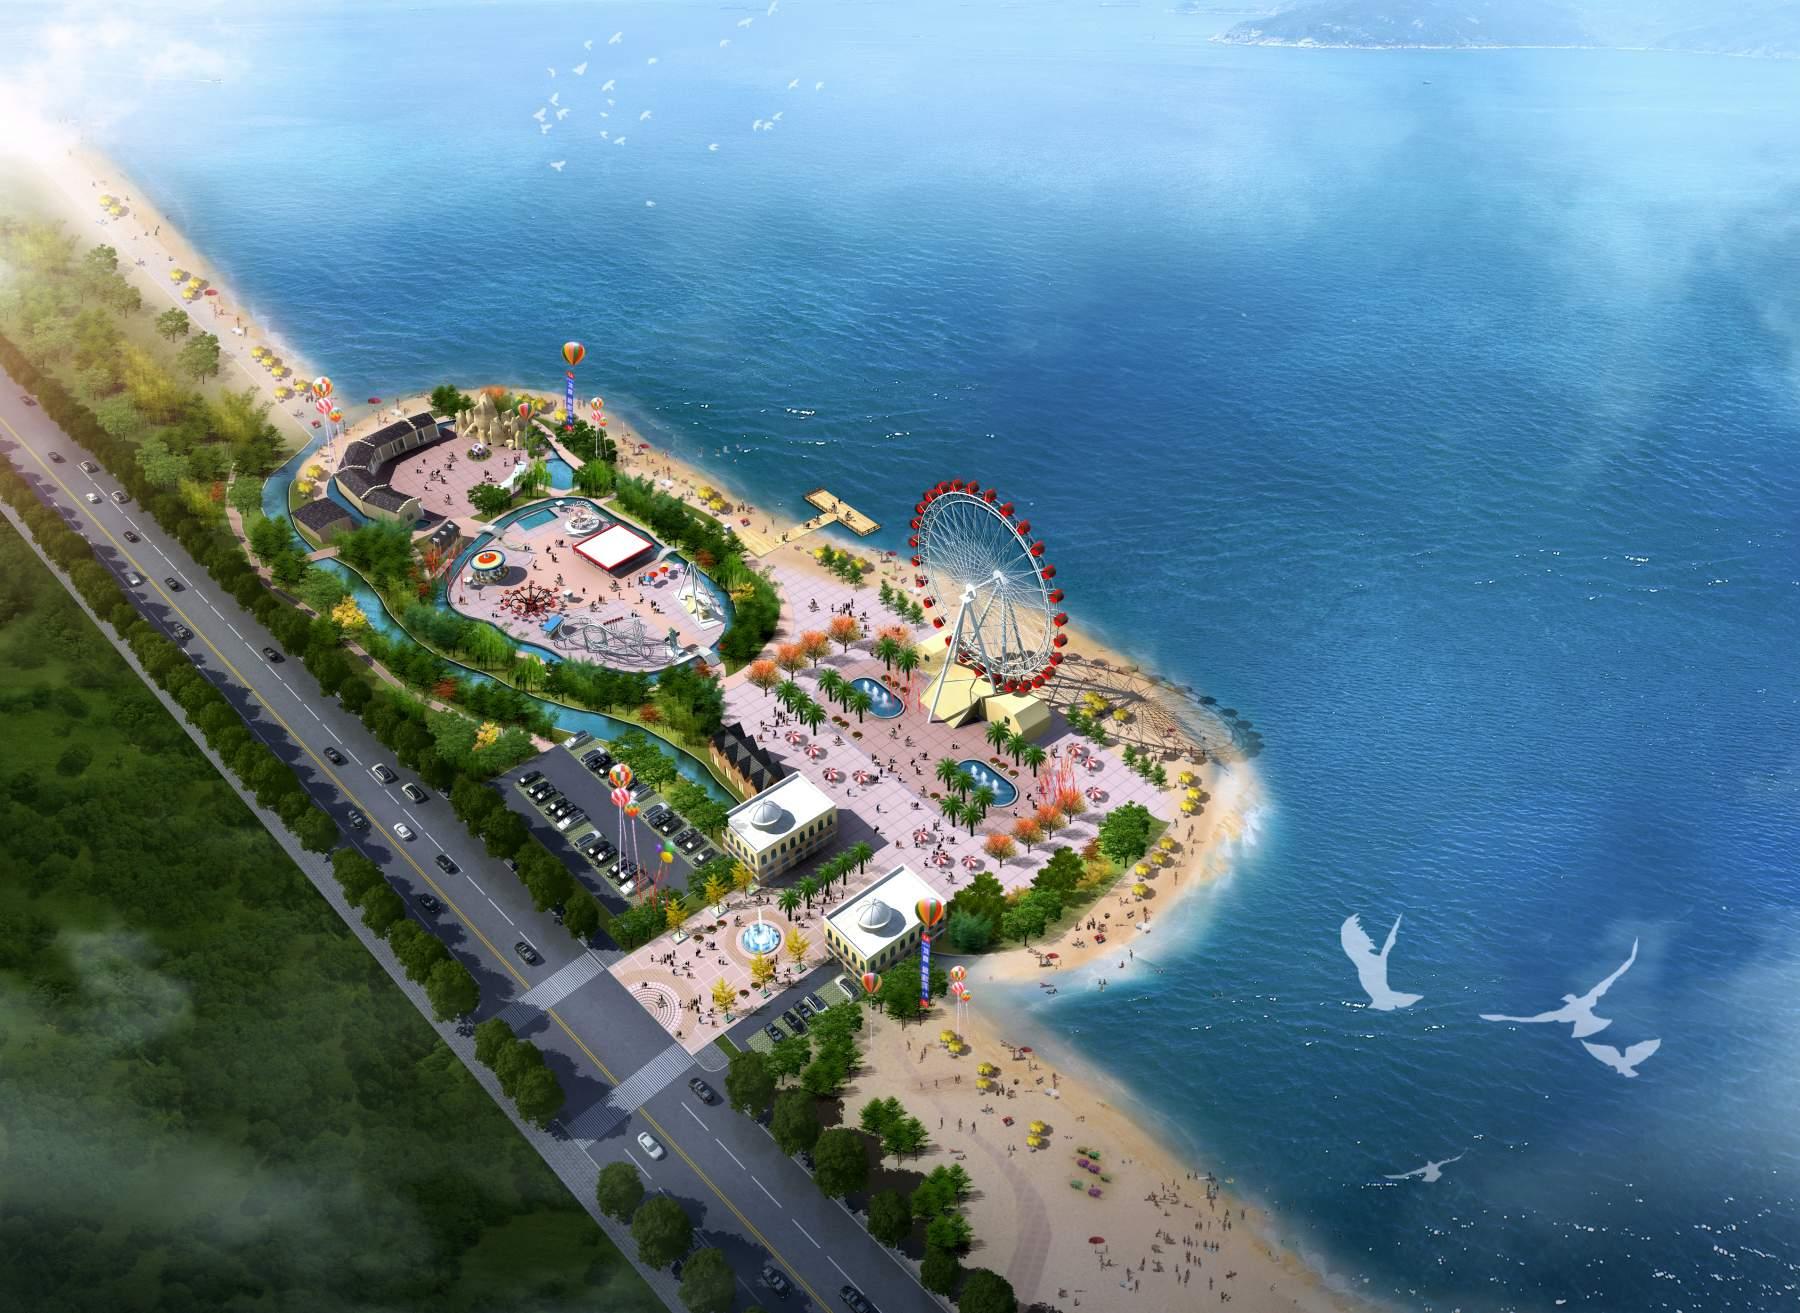 欢乐岛--大型游乐场